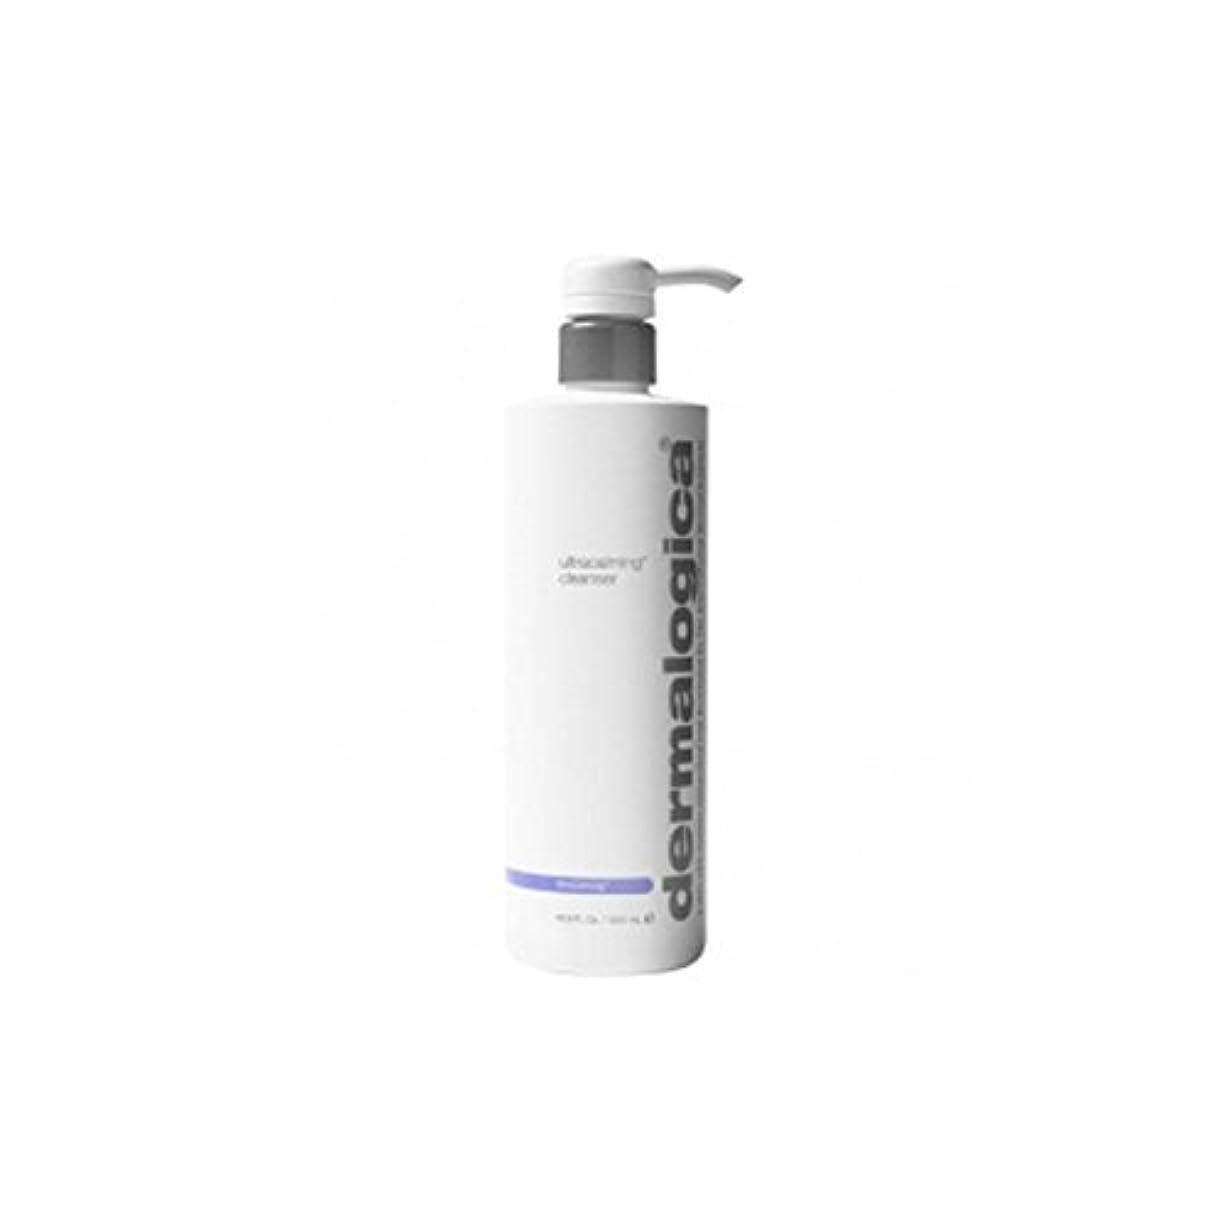 受ける表向き折るダーマロジカクレンザー(500ミリリットル) x4 - Dermalogica Ultracalming Cleanser (500ml) (Pack of 4) [並行輸入品]